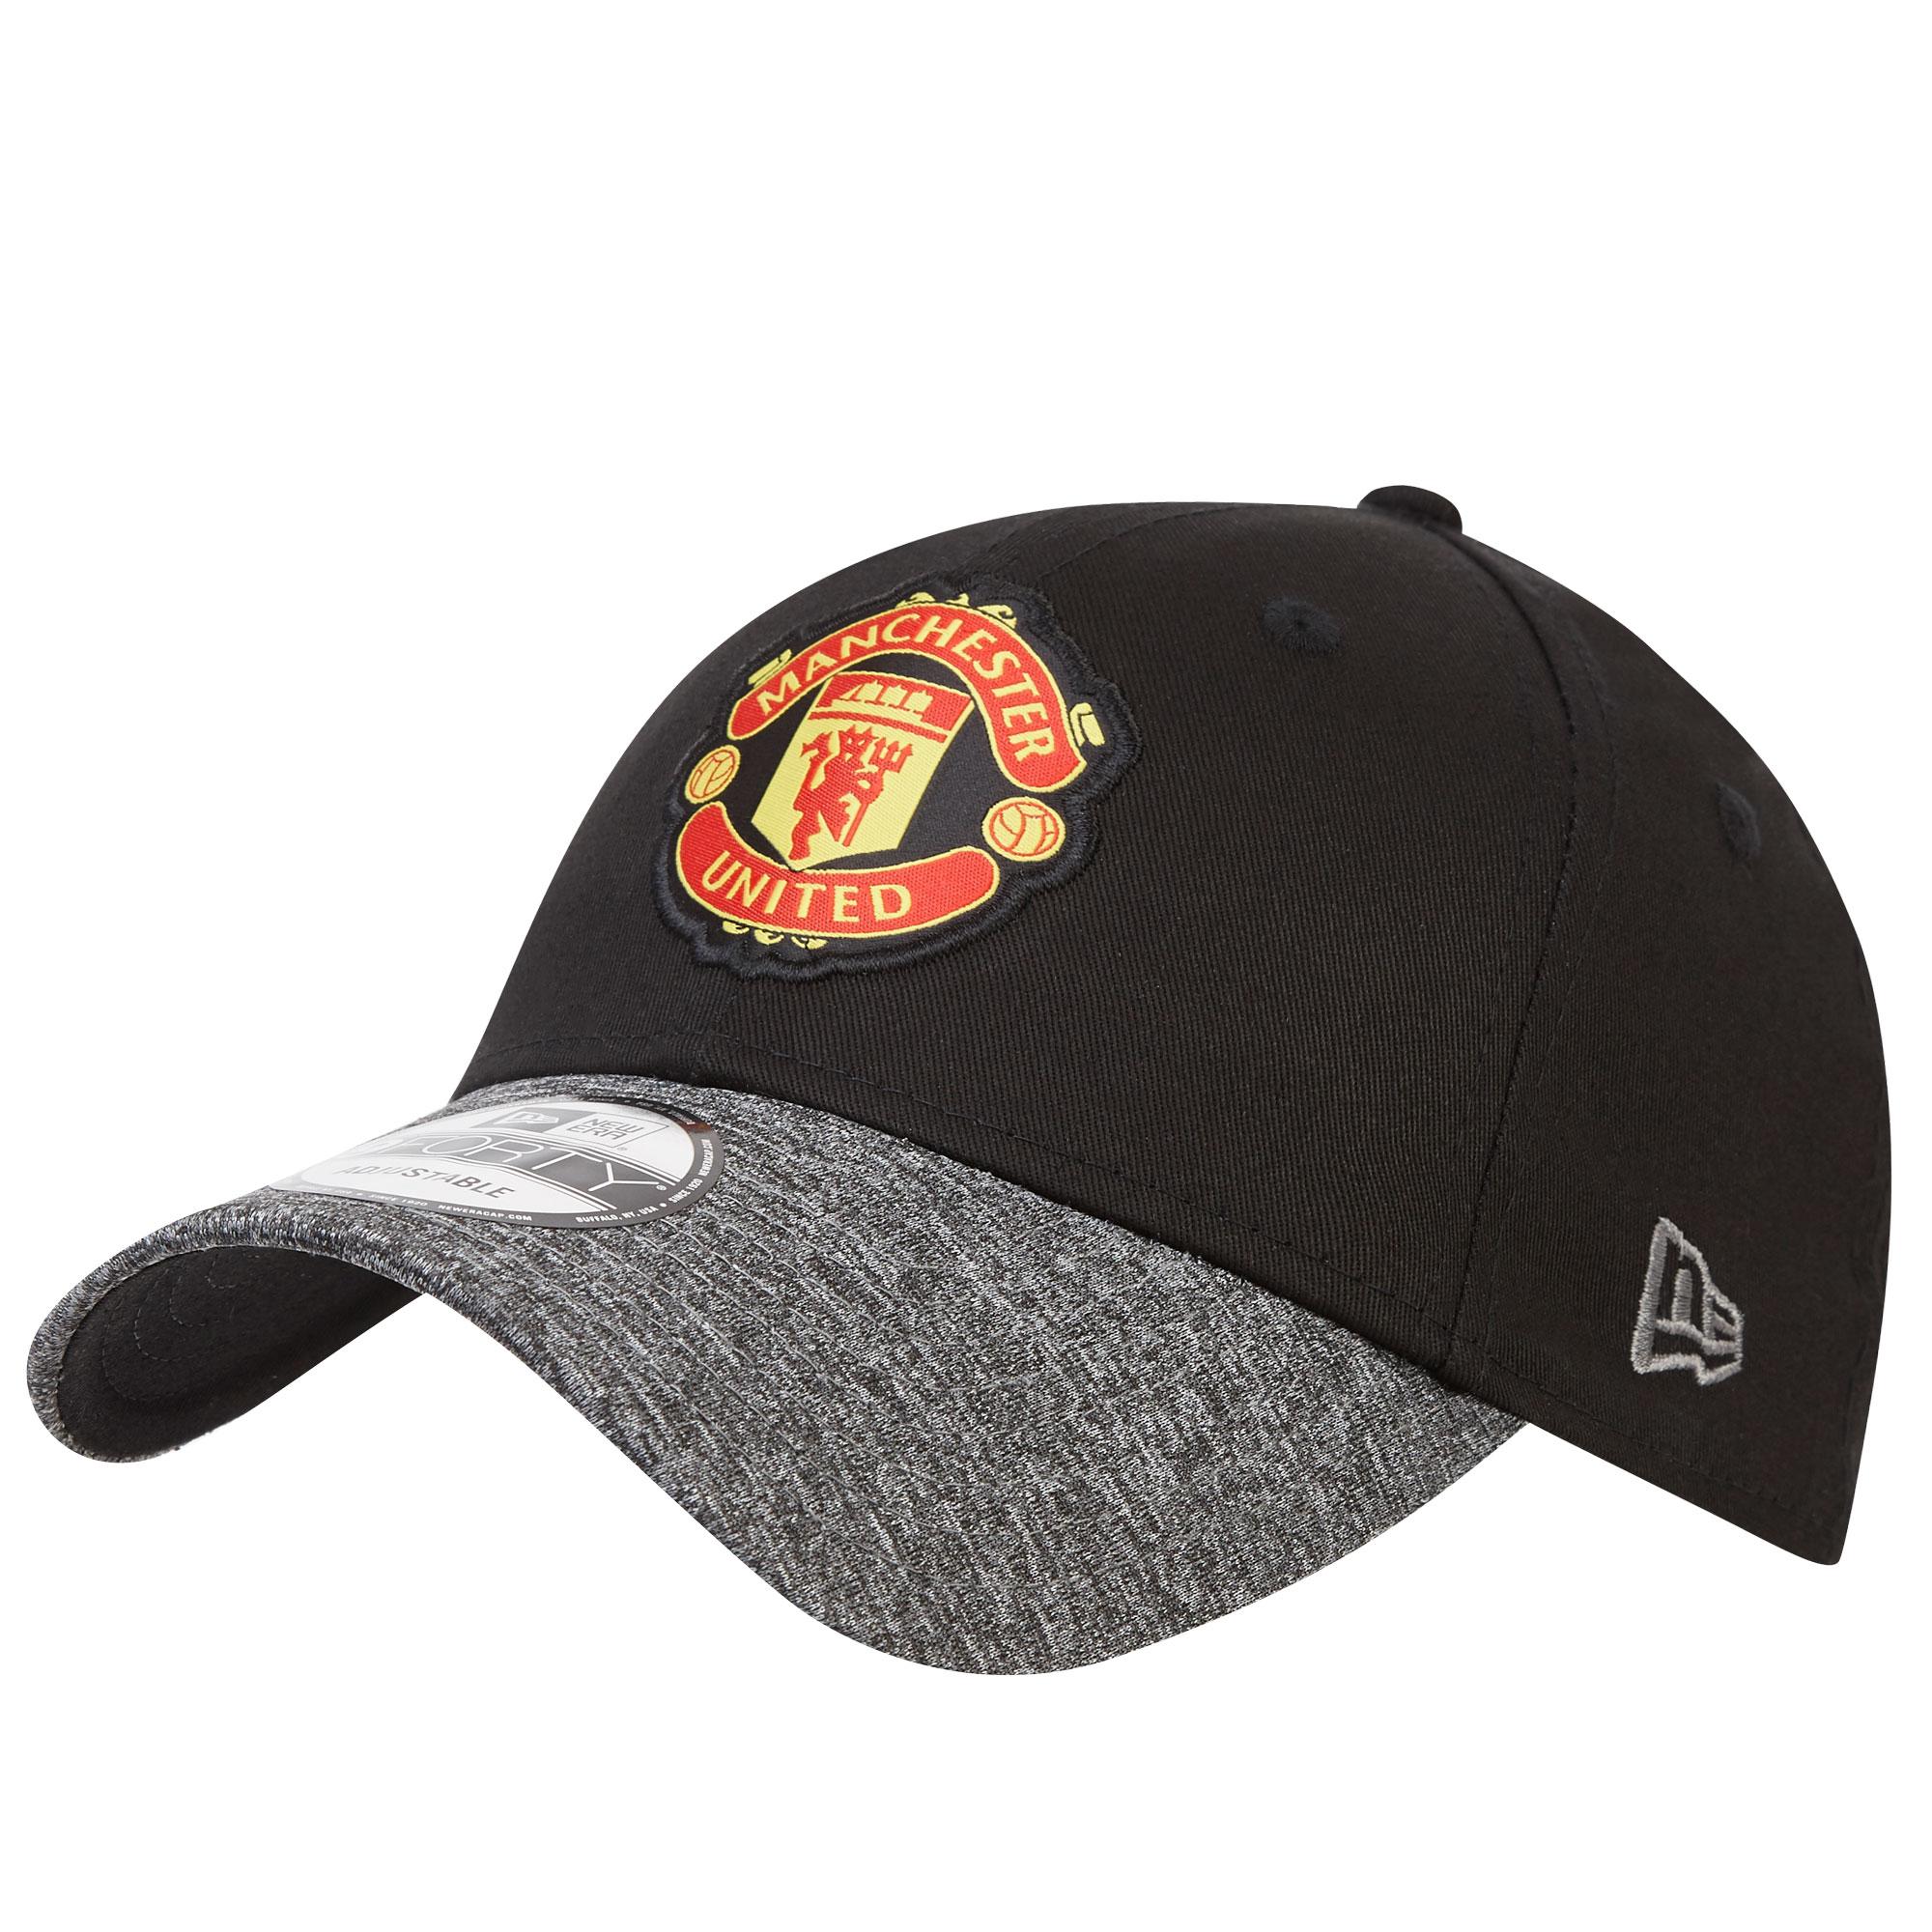 Casquette New Era 9FORTY avec visière chinée Manchester United réglable - Noir- Adulte